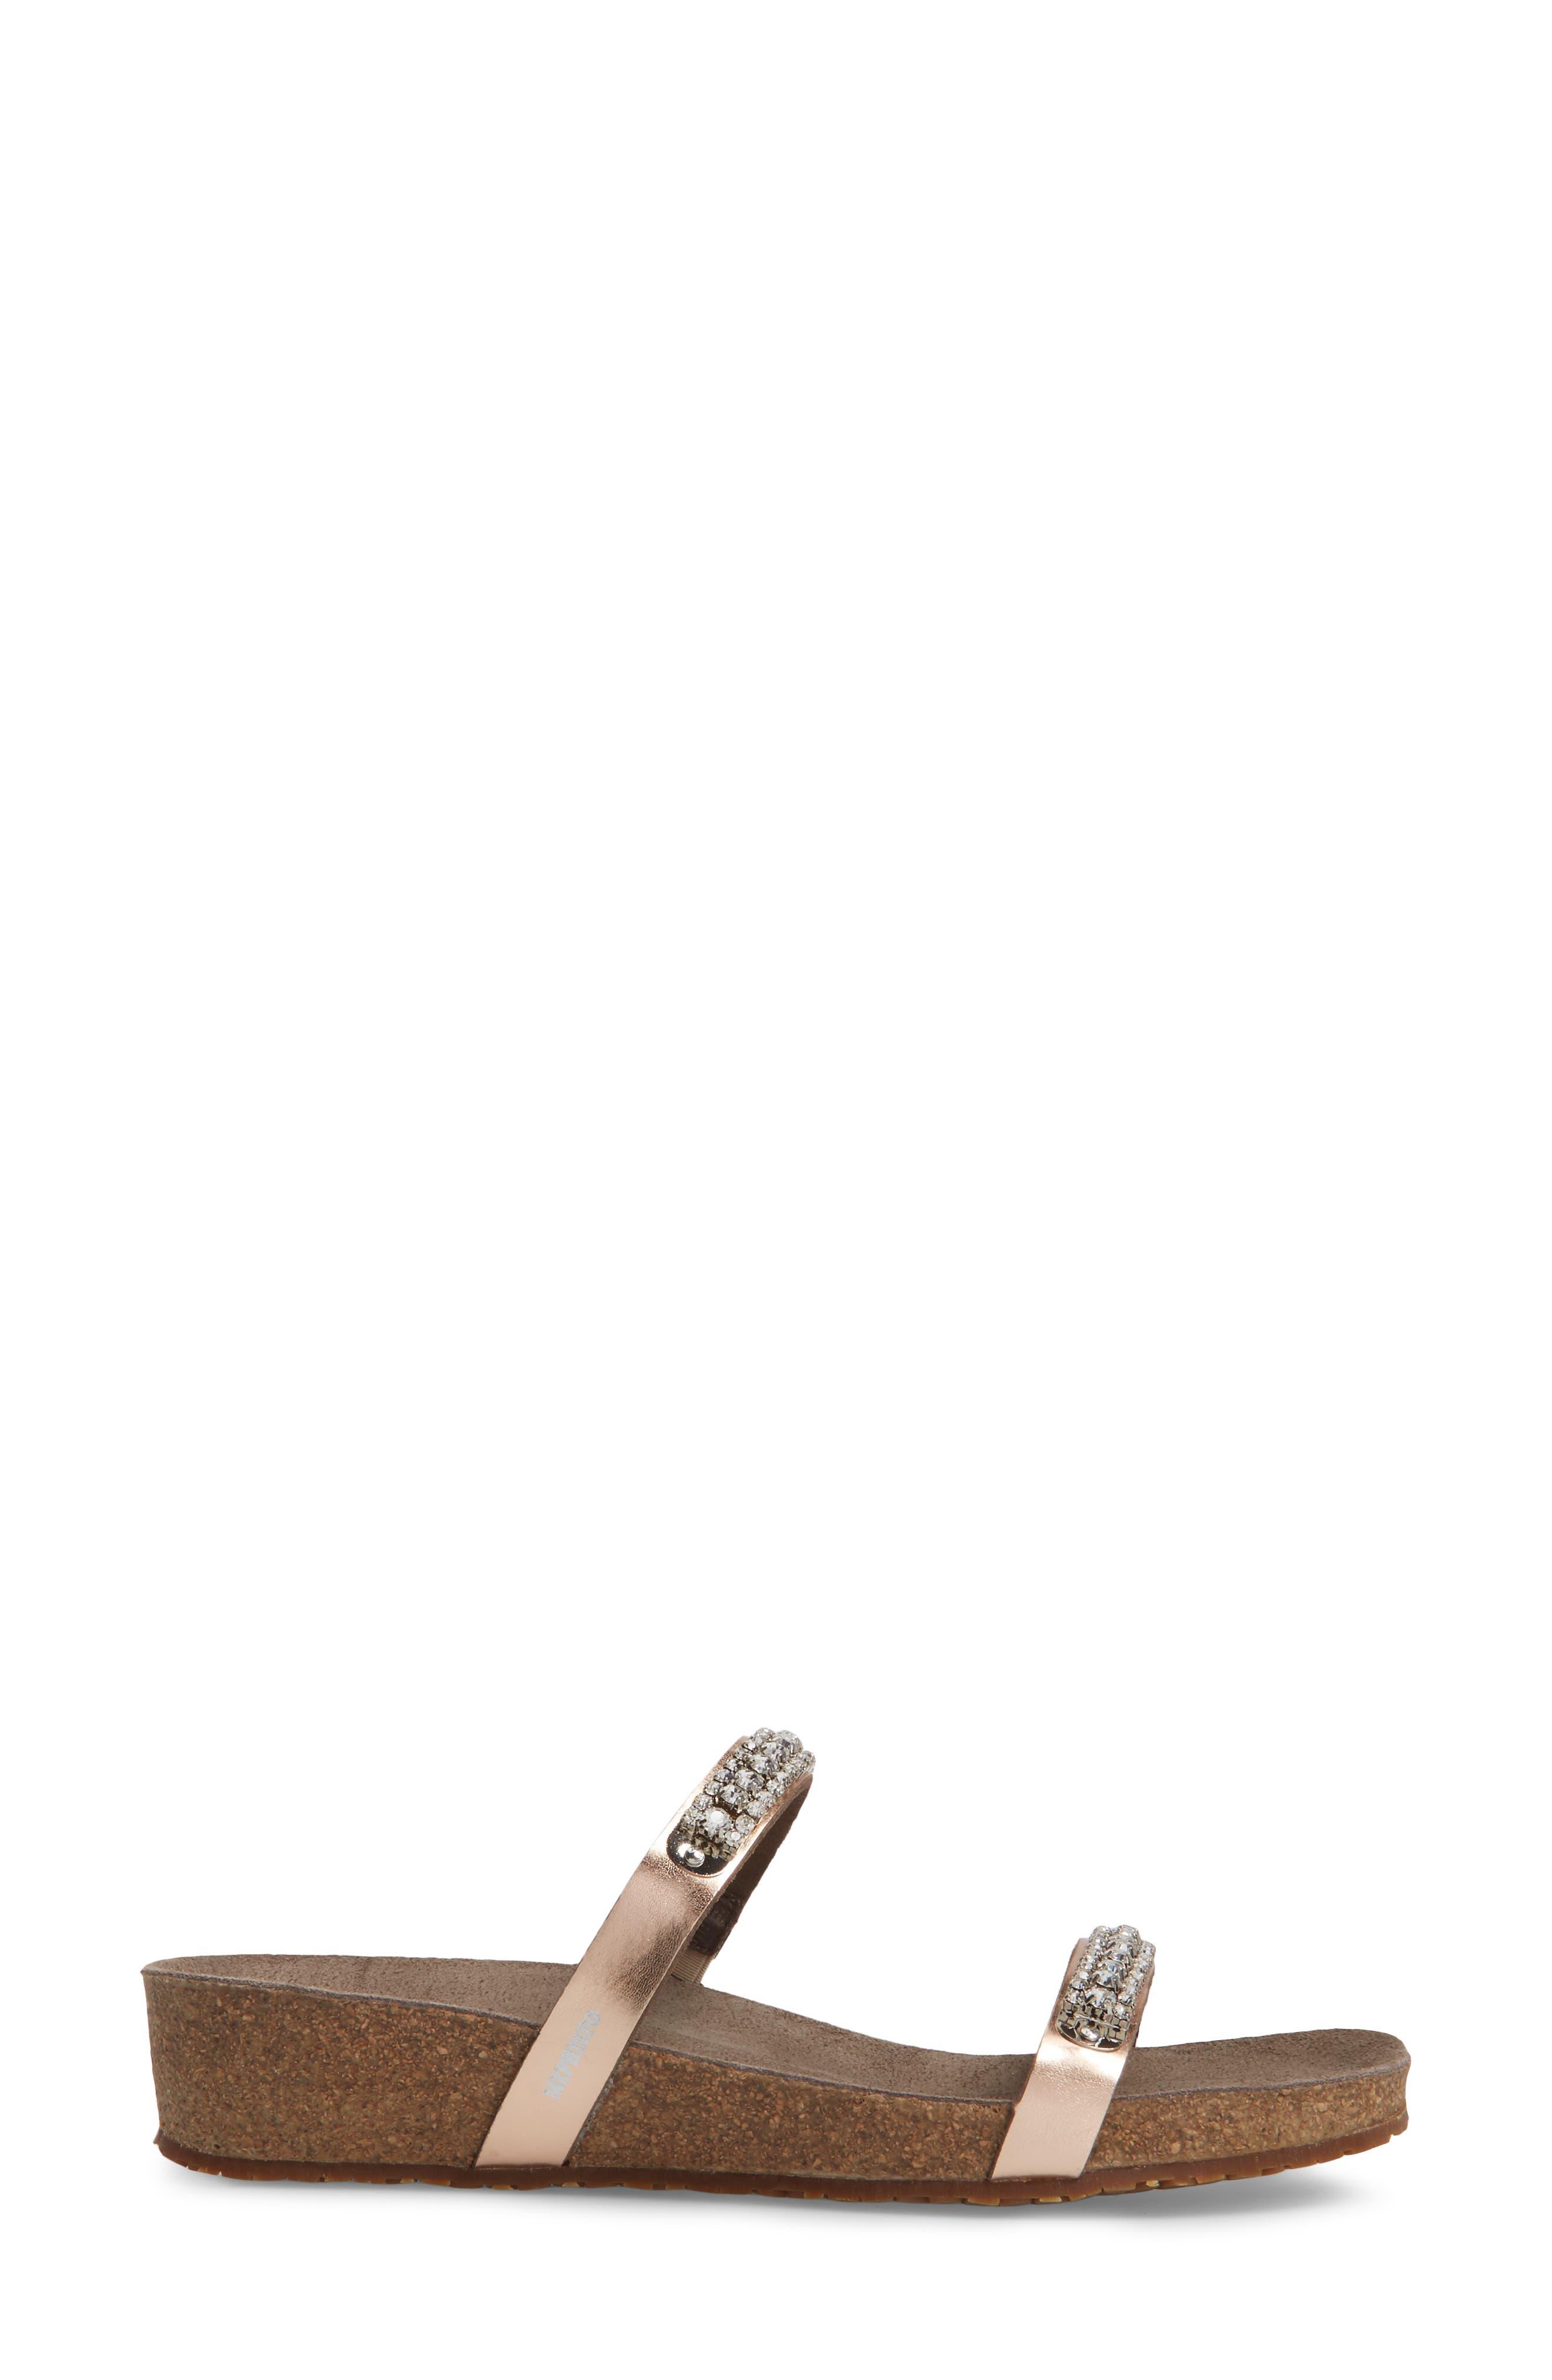 'Ivana' Crystal Embellished Slide Sandal,                             Alternate thumbnail 3, color,                             Old Pink Leather